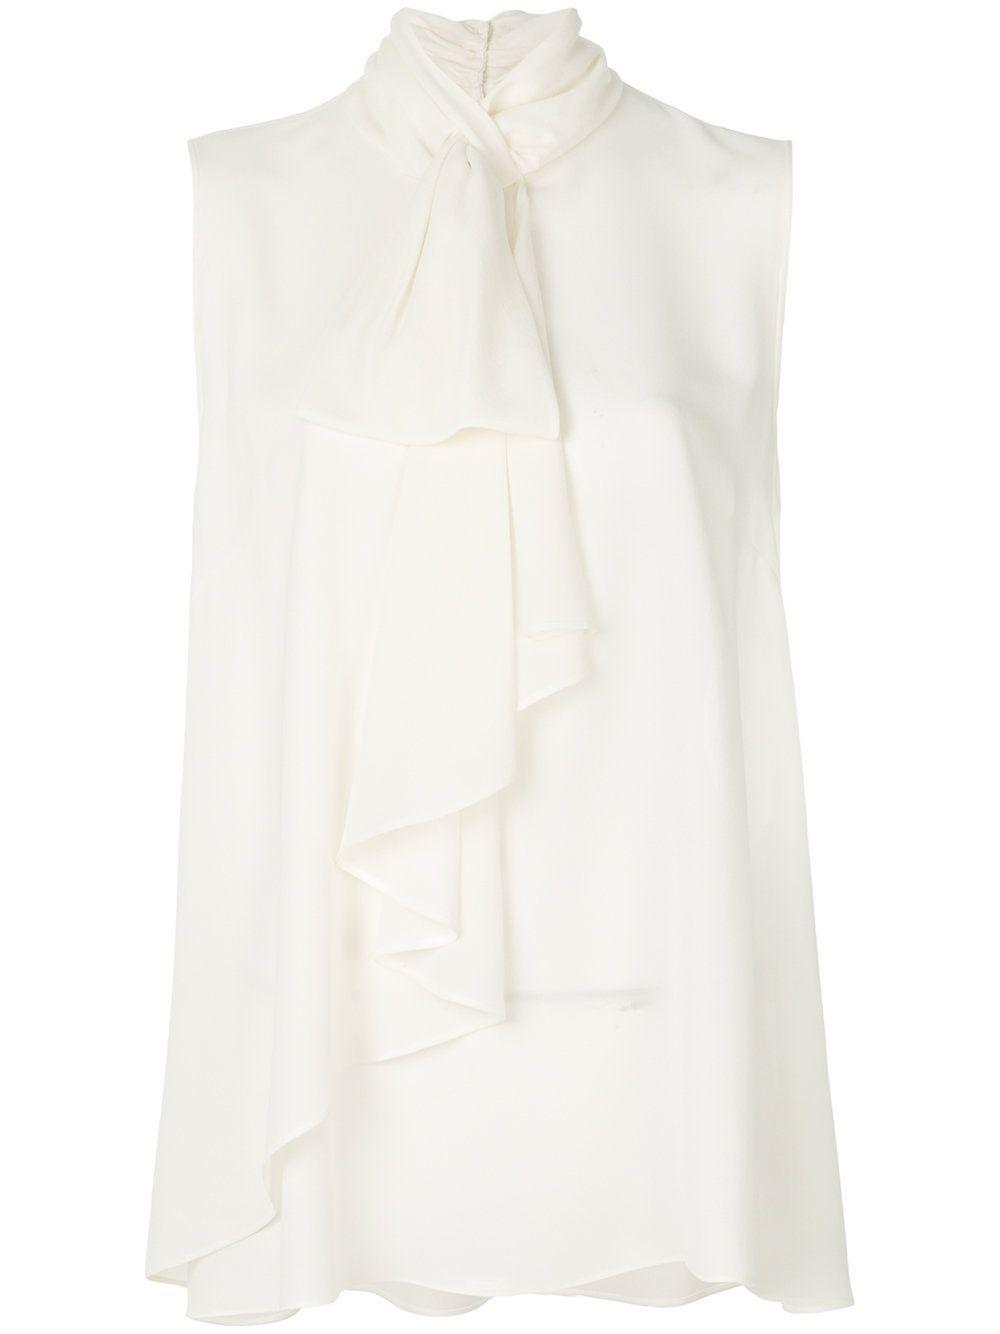 Блузки С Жабо Белые Купить